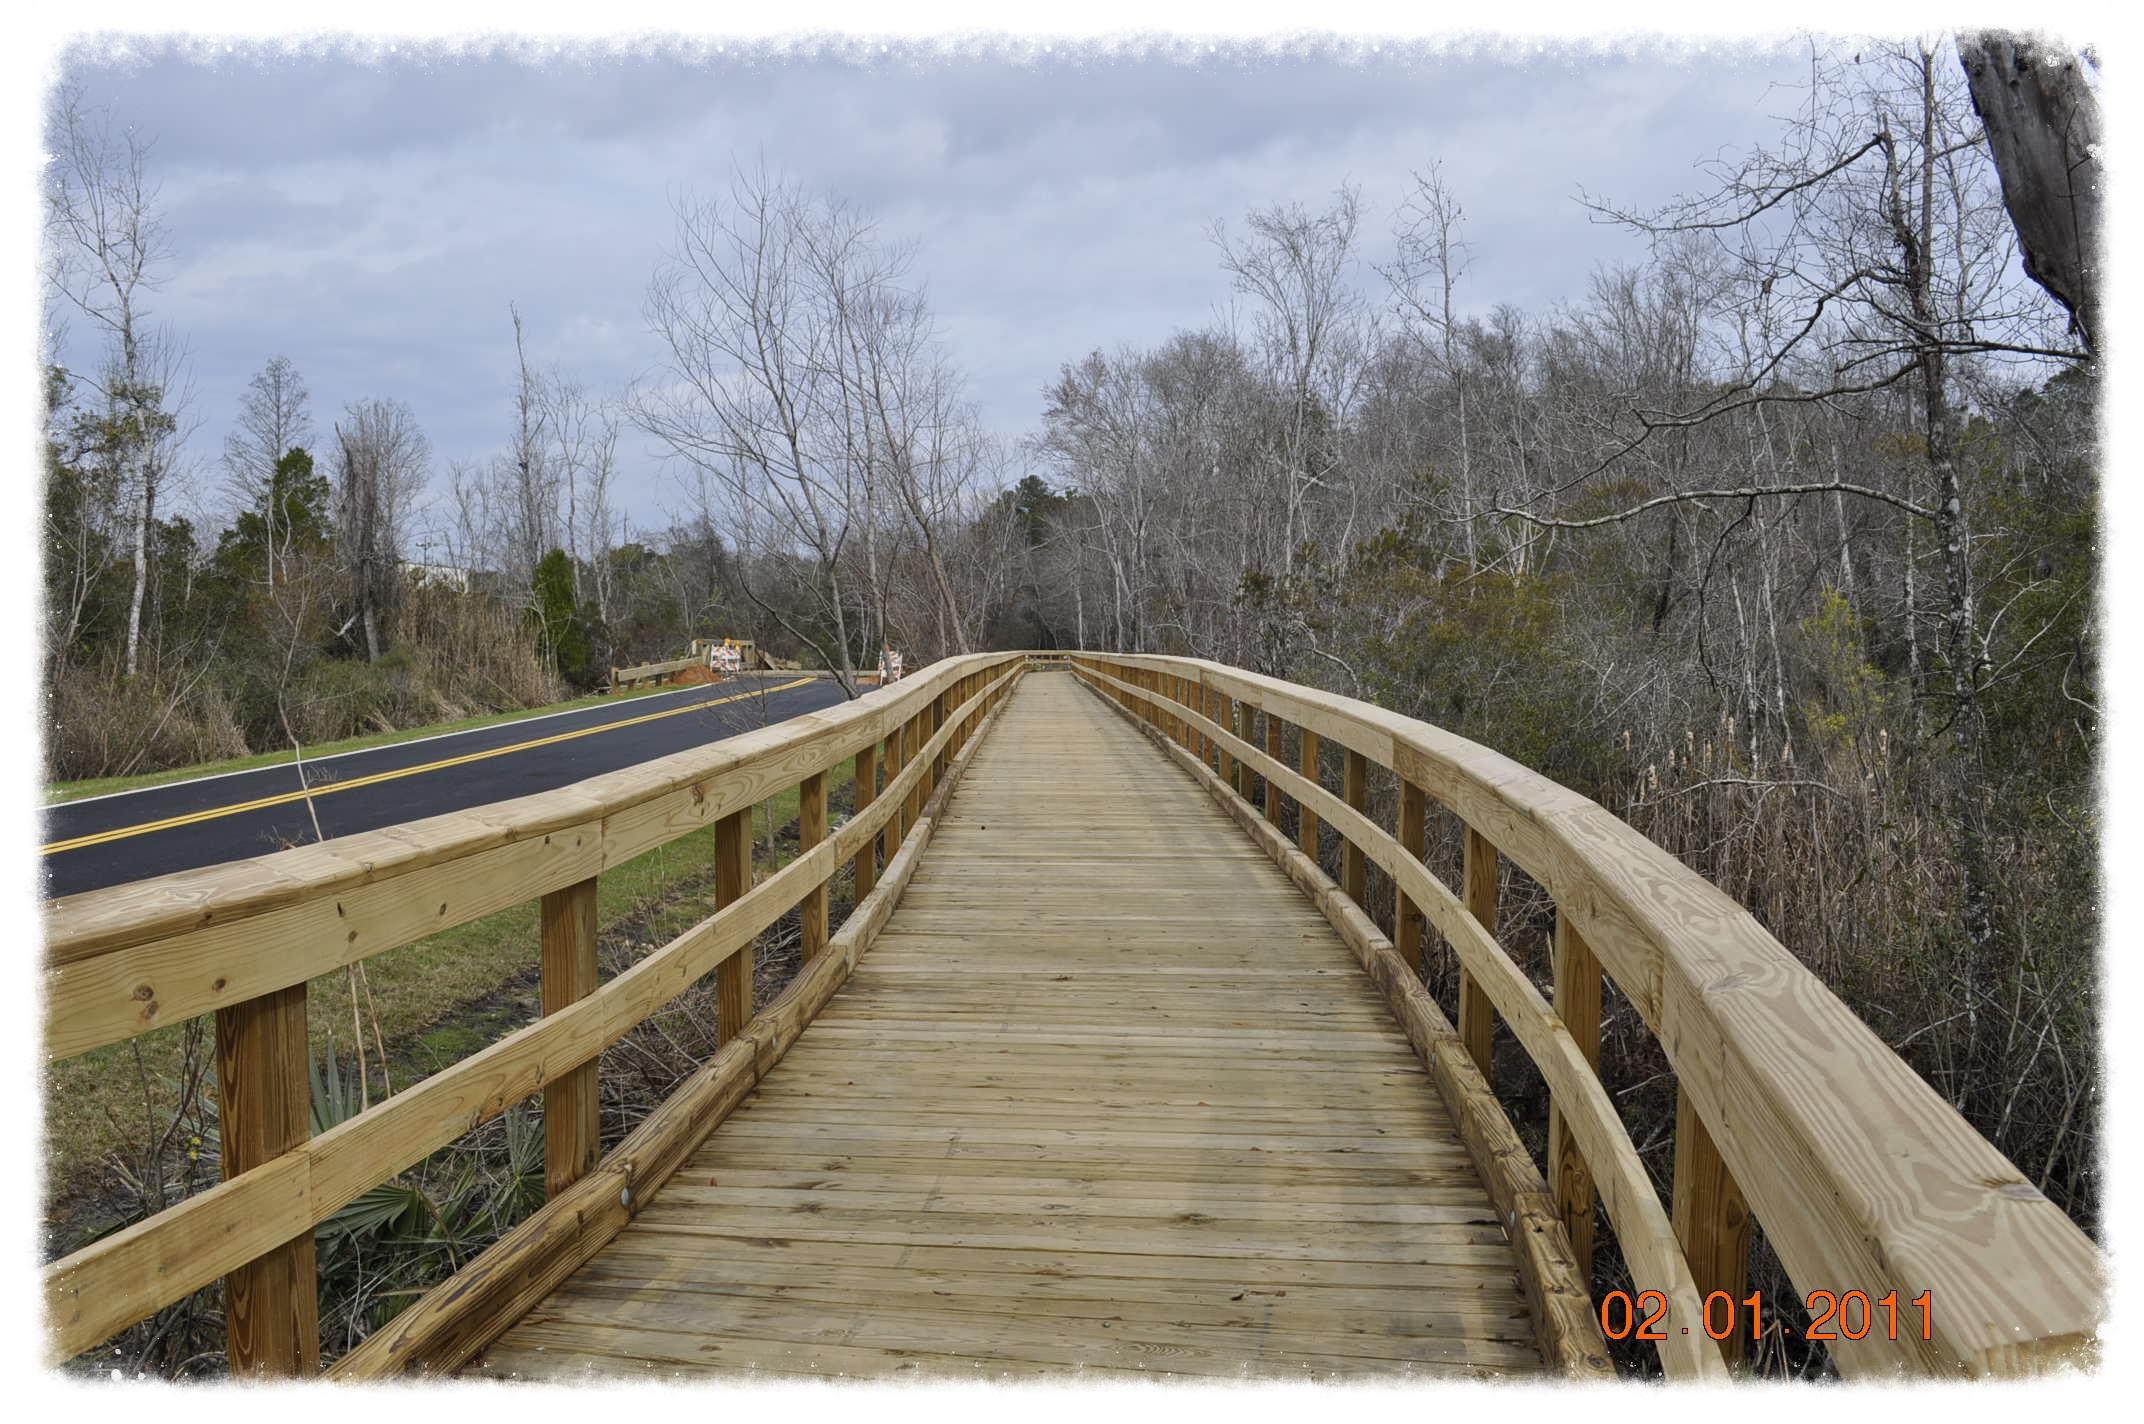 Pedestrian Bridge with Handrail